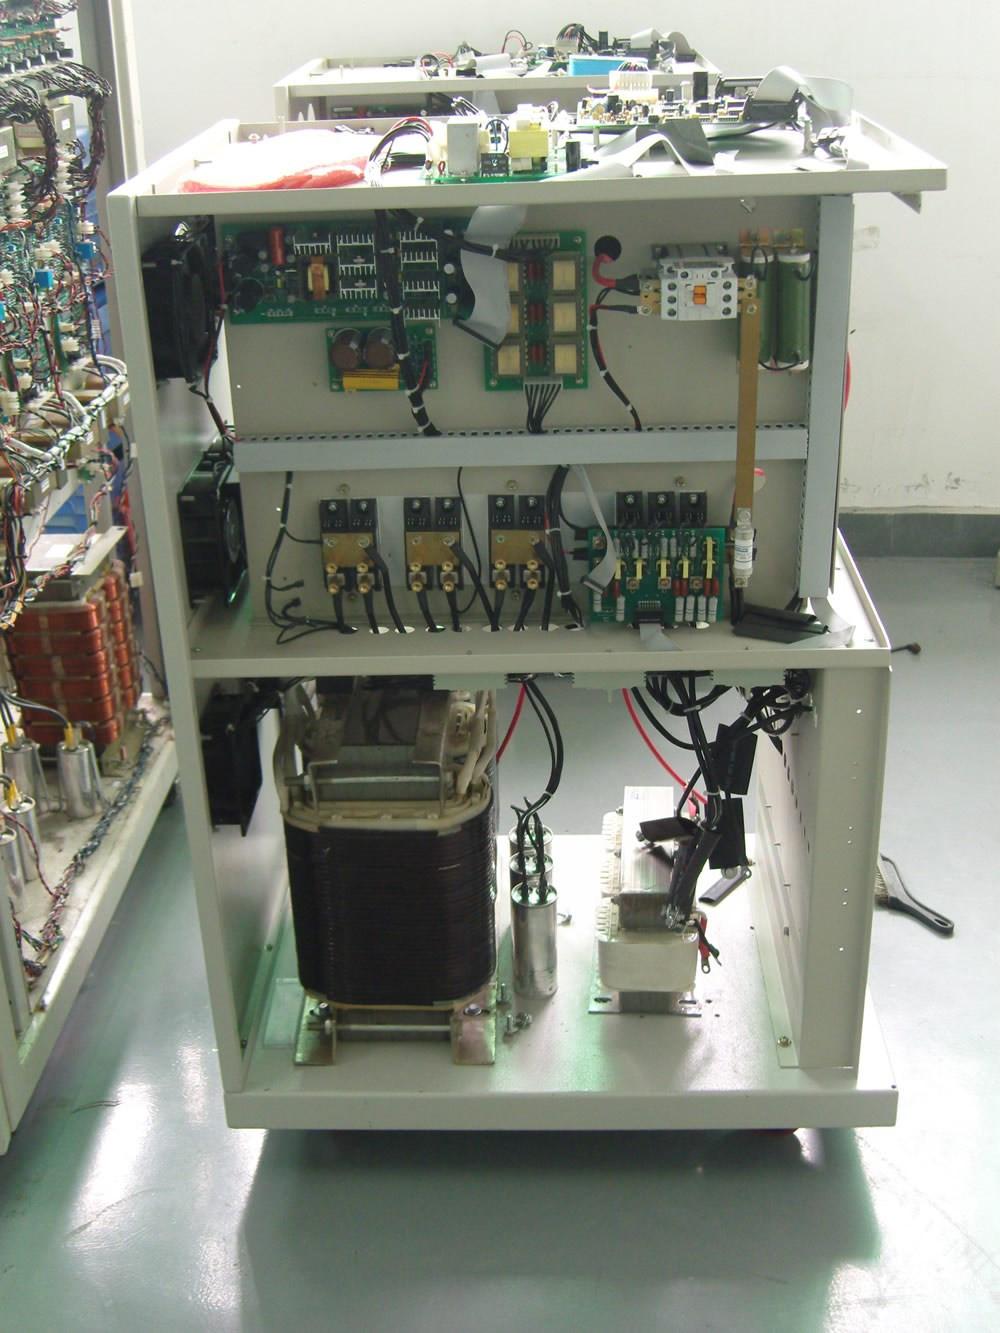 Bosin 照明用 ups不间断电源140KW蓄电池